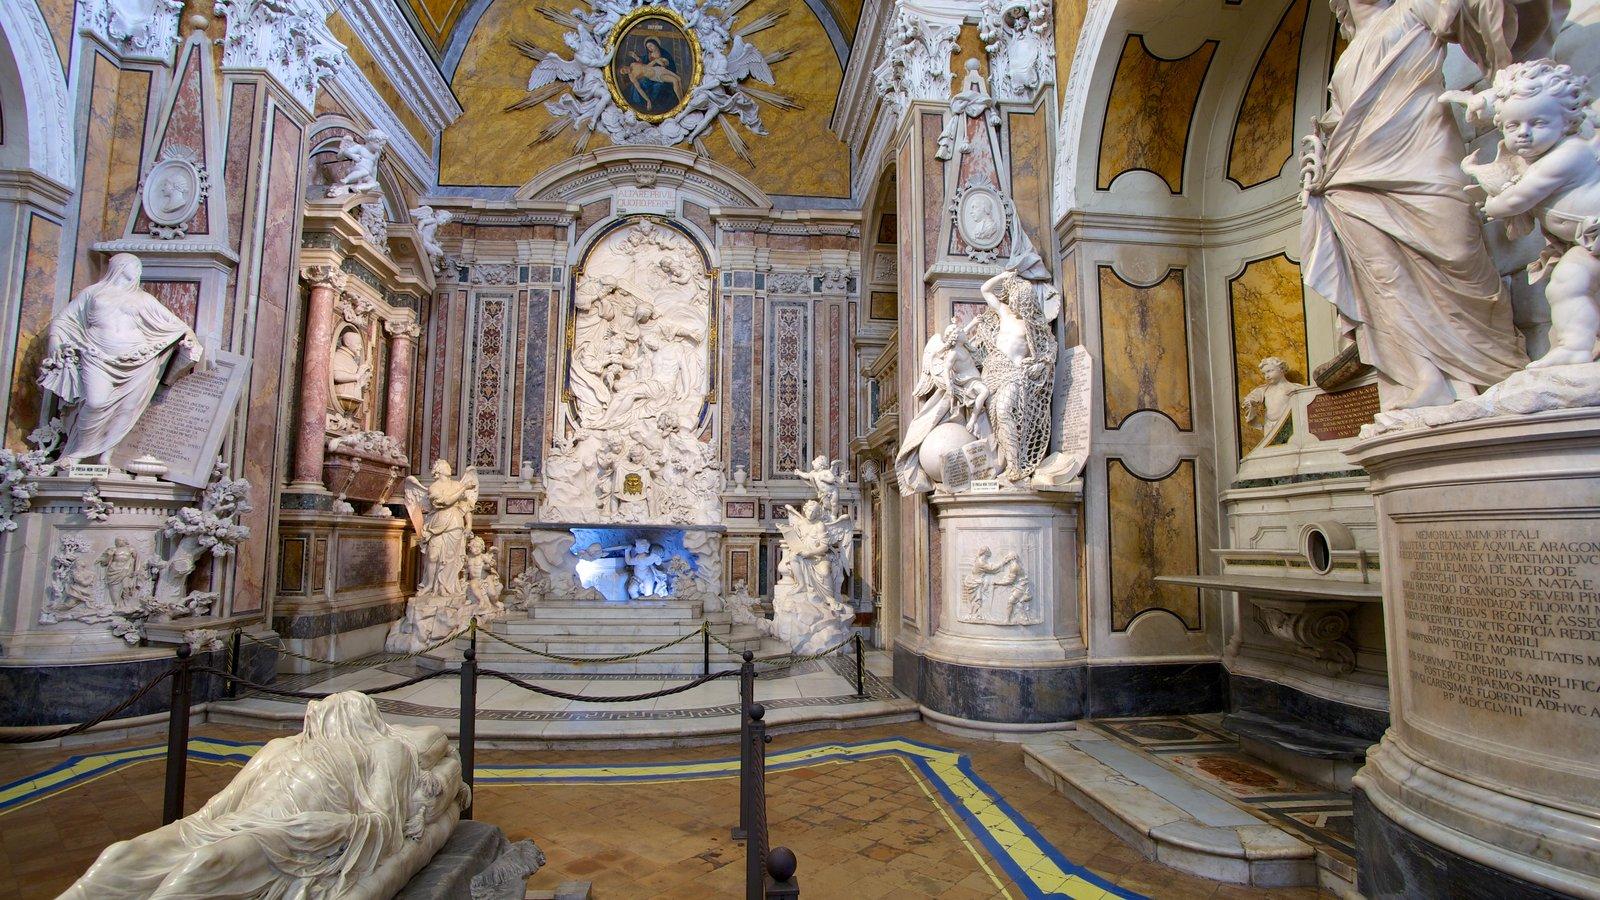 La Cappella Sansevero que inclui vistas internas, uma igreja ou catedral e aspectos religiosos